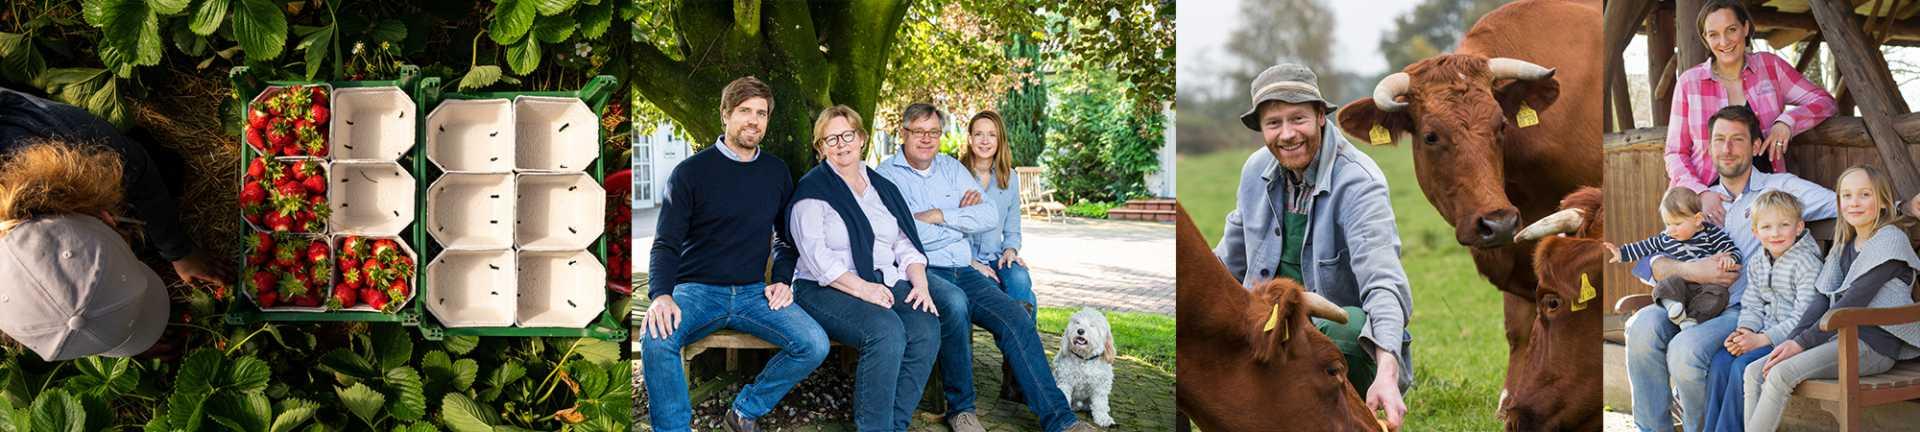 EDEKA Martens - Regionale Lieferanten